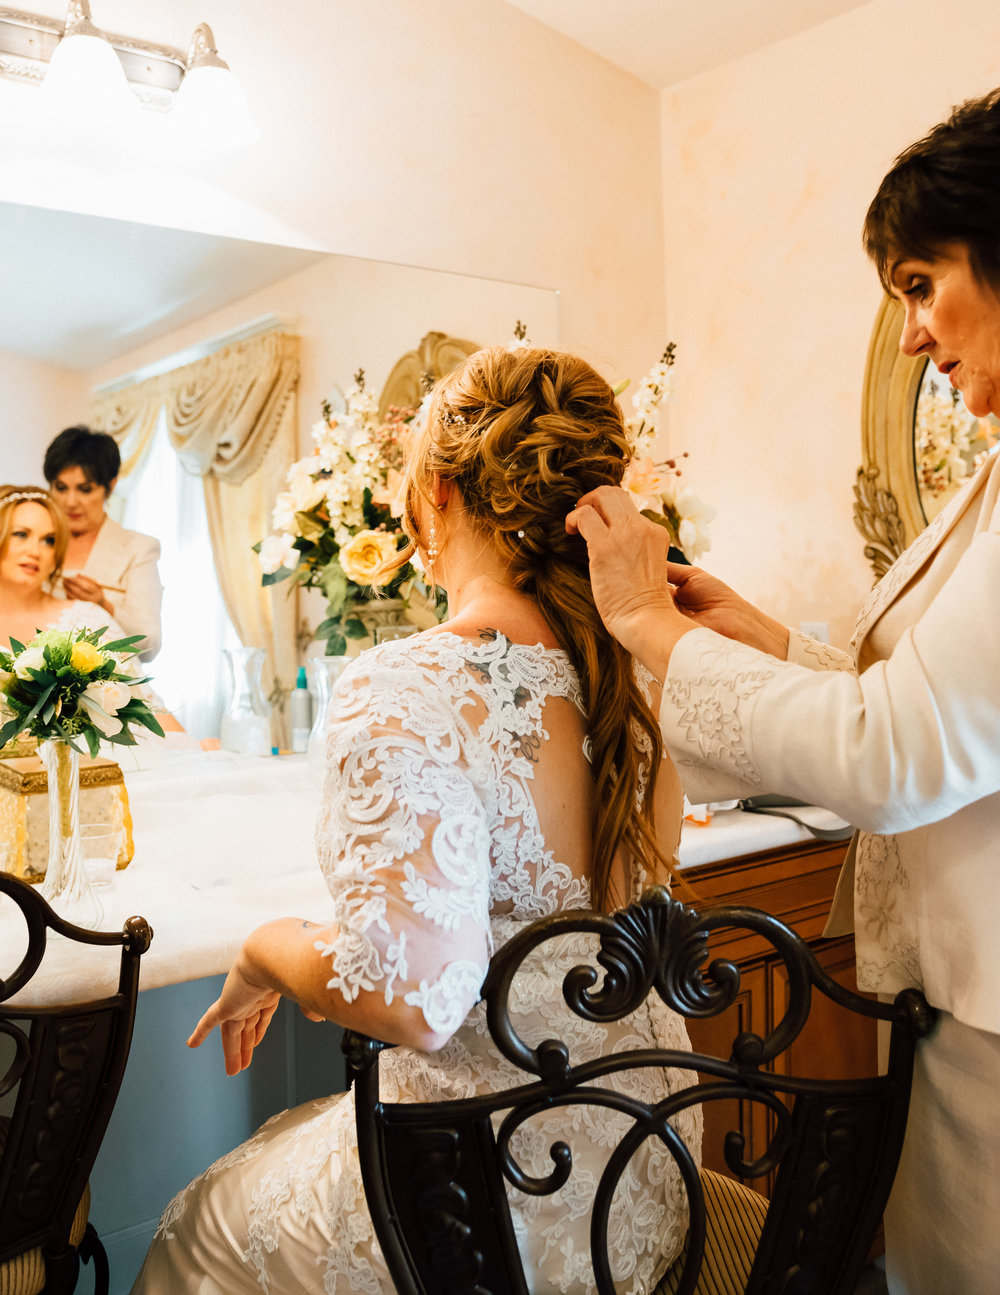 Coskun+Wedding2+-+Copy+-+Copy.jpg